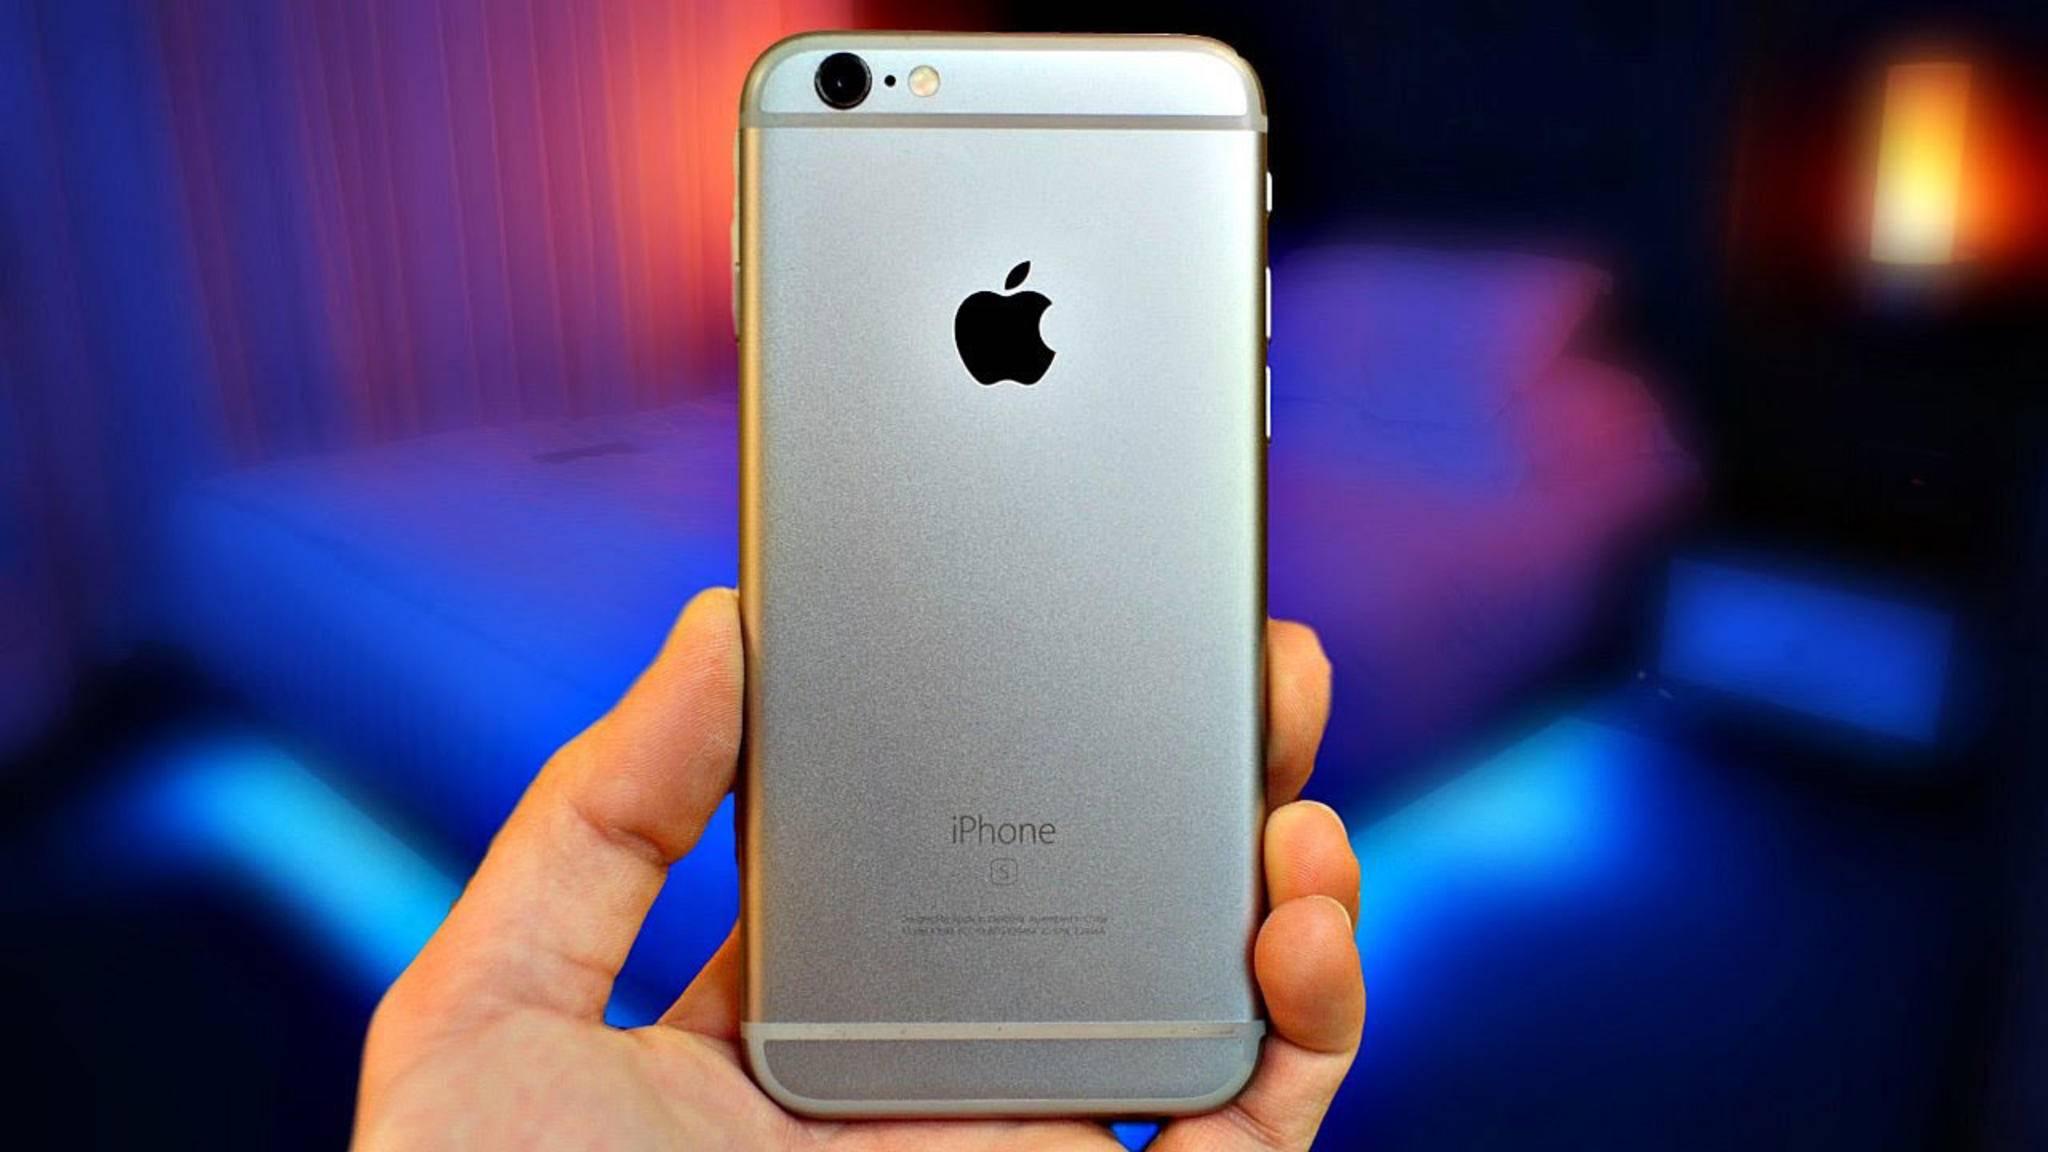 Erneut ist der Drosselungsskandal bei Apples iPhones Grund für eine Sammelklage in den USA.